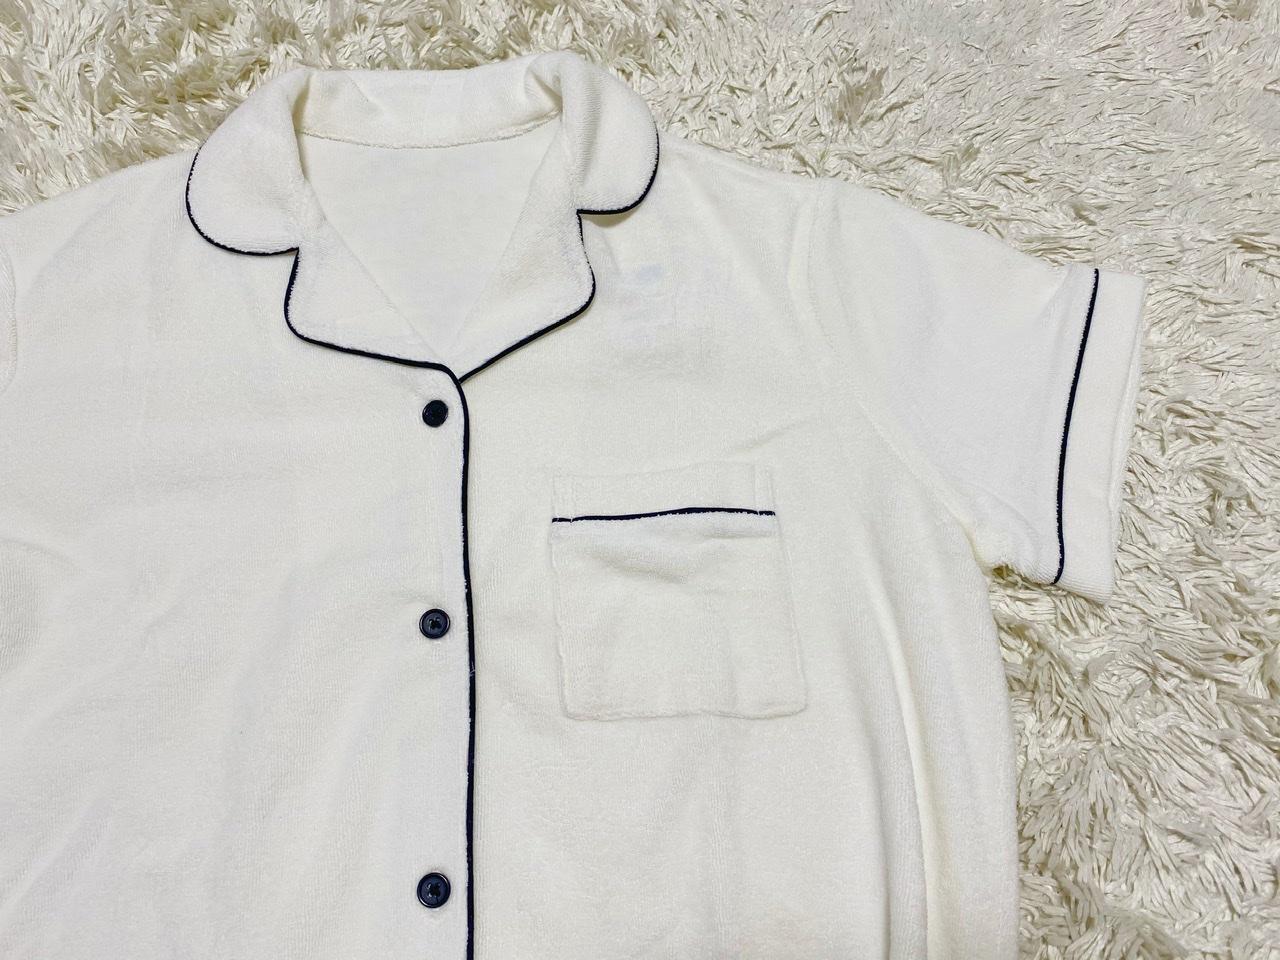 人気過ぎて即完売!発売前から話題の【GU×SABON】コラボパジャマをGETしました♡_2